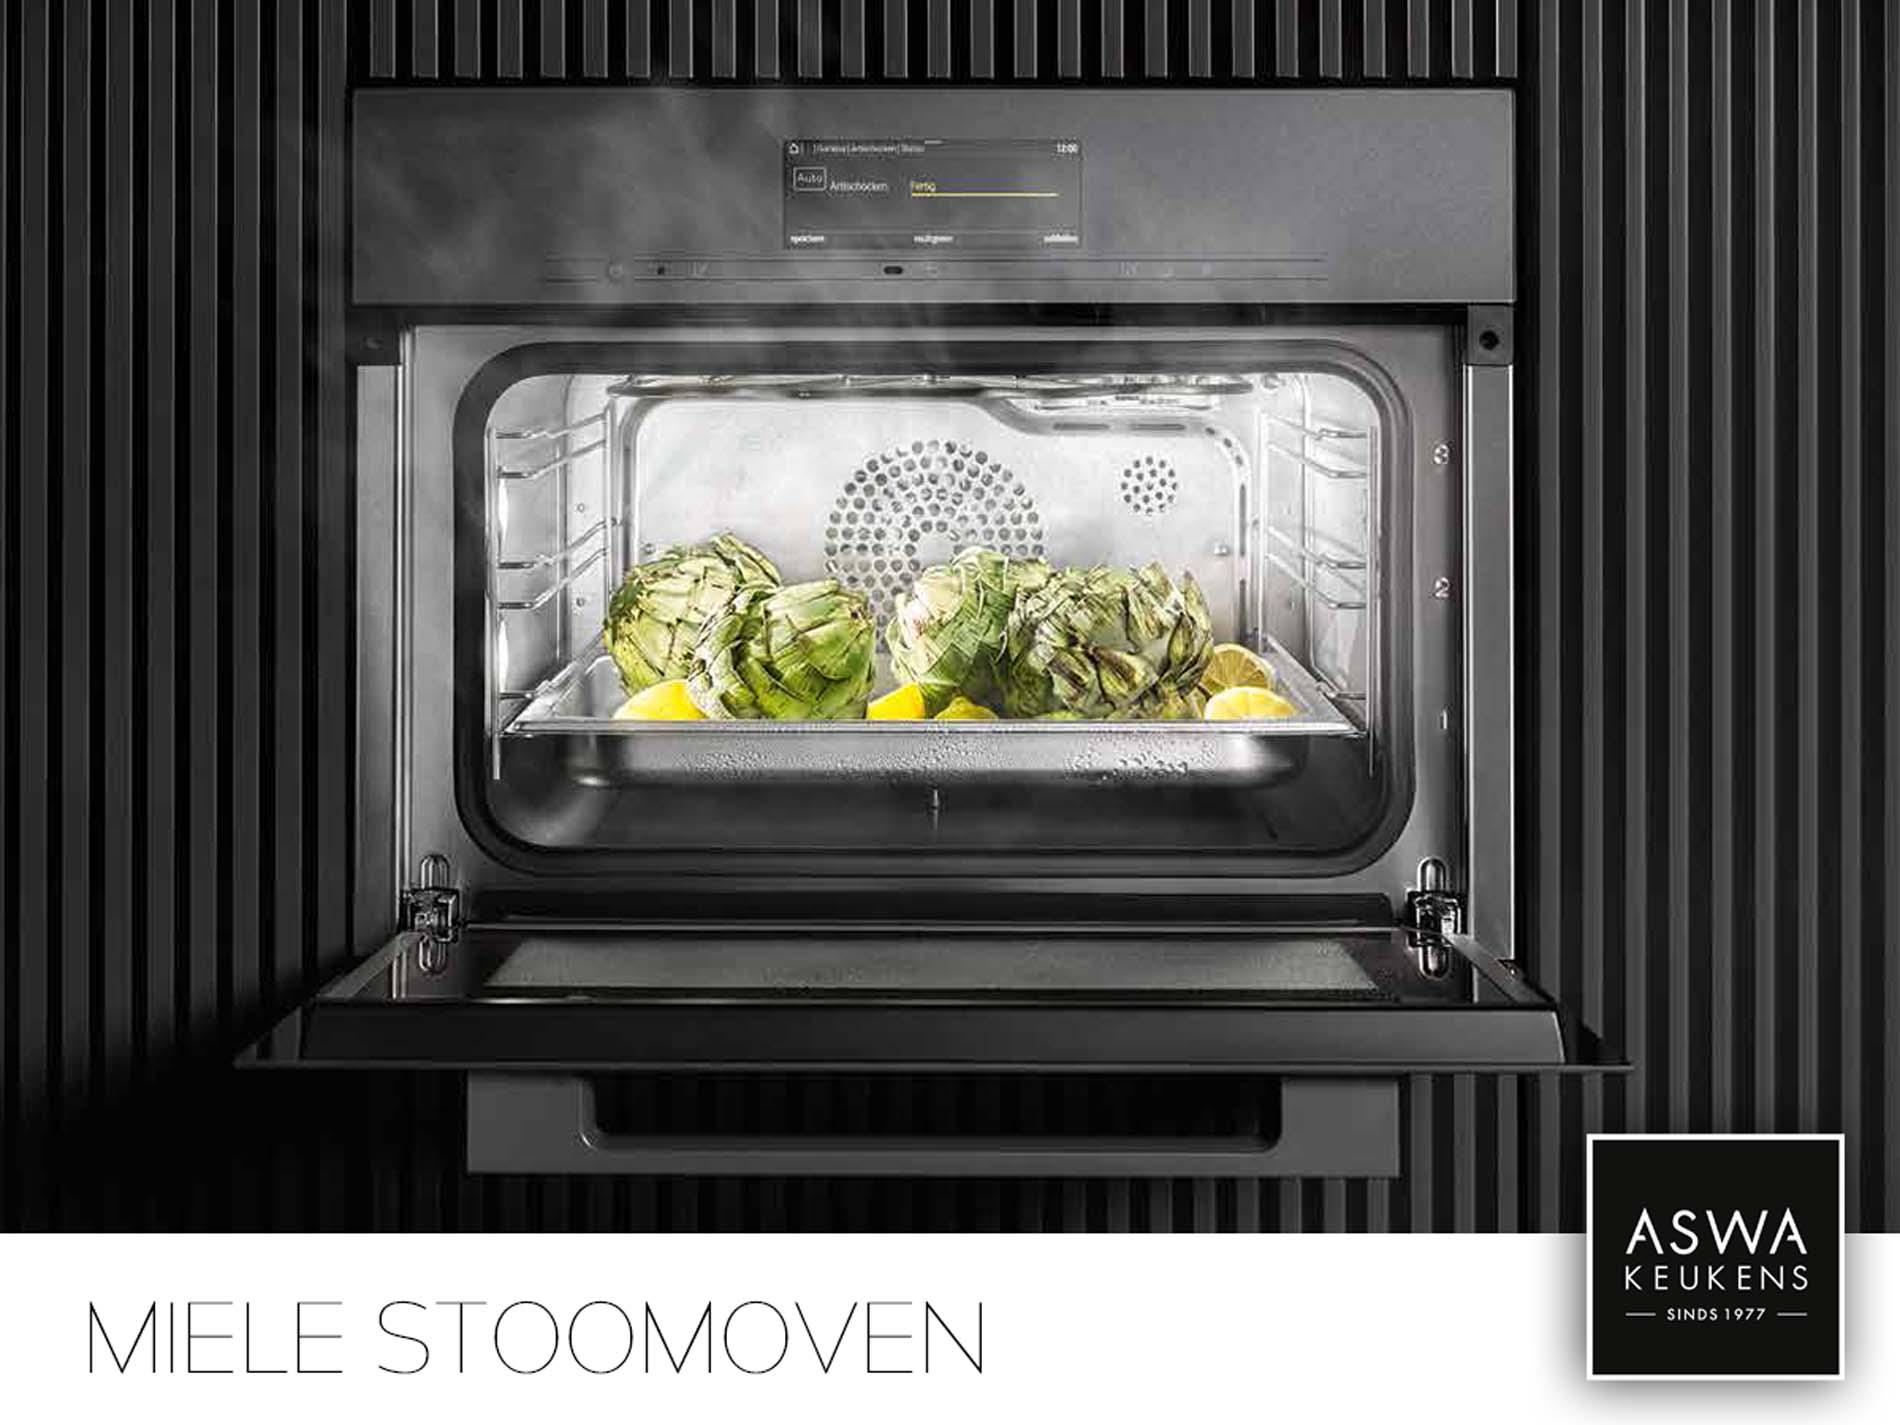 Miele Stoomoven Generatie 7000, ASWA Keukens